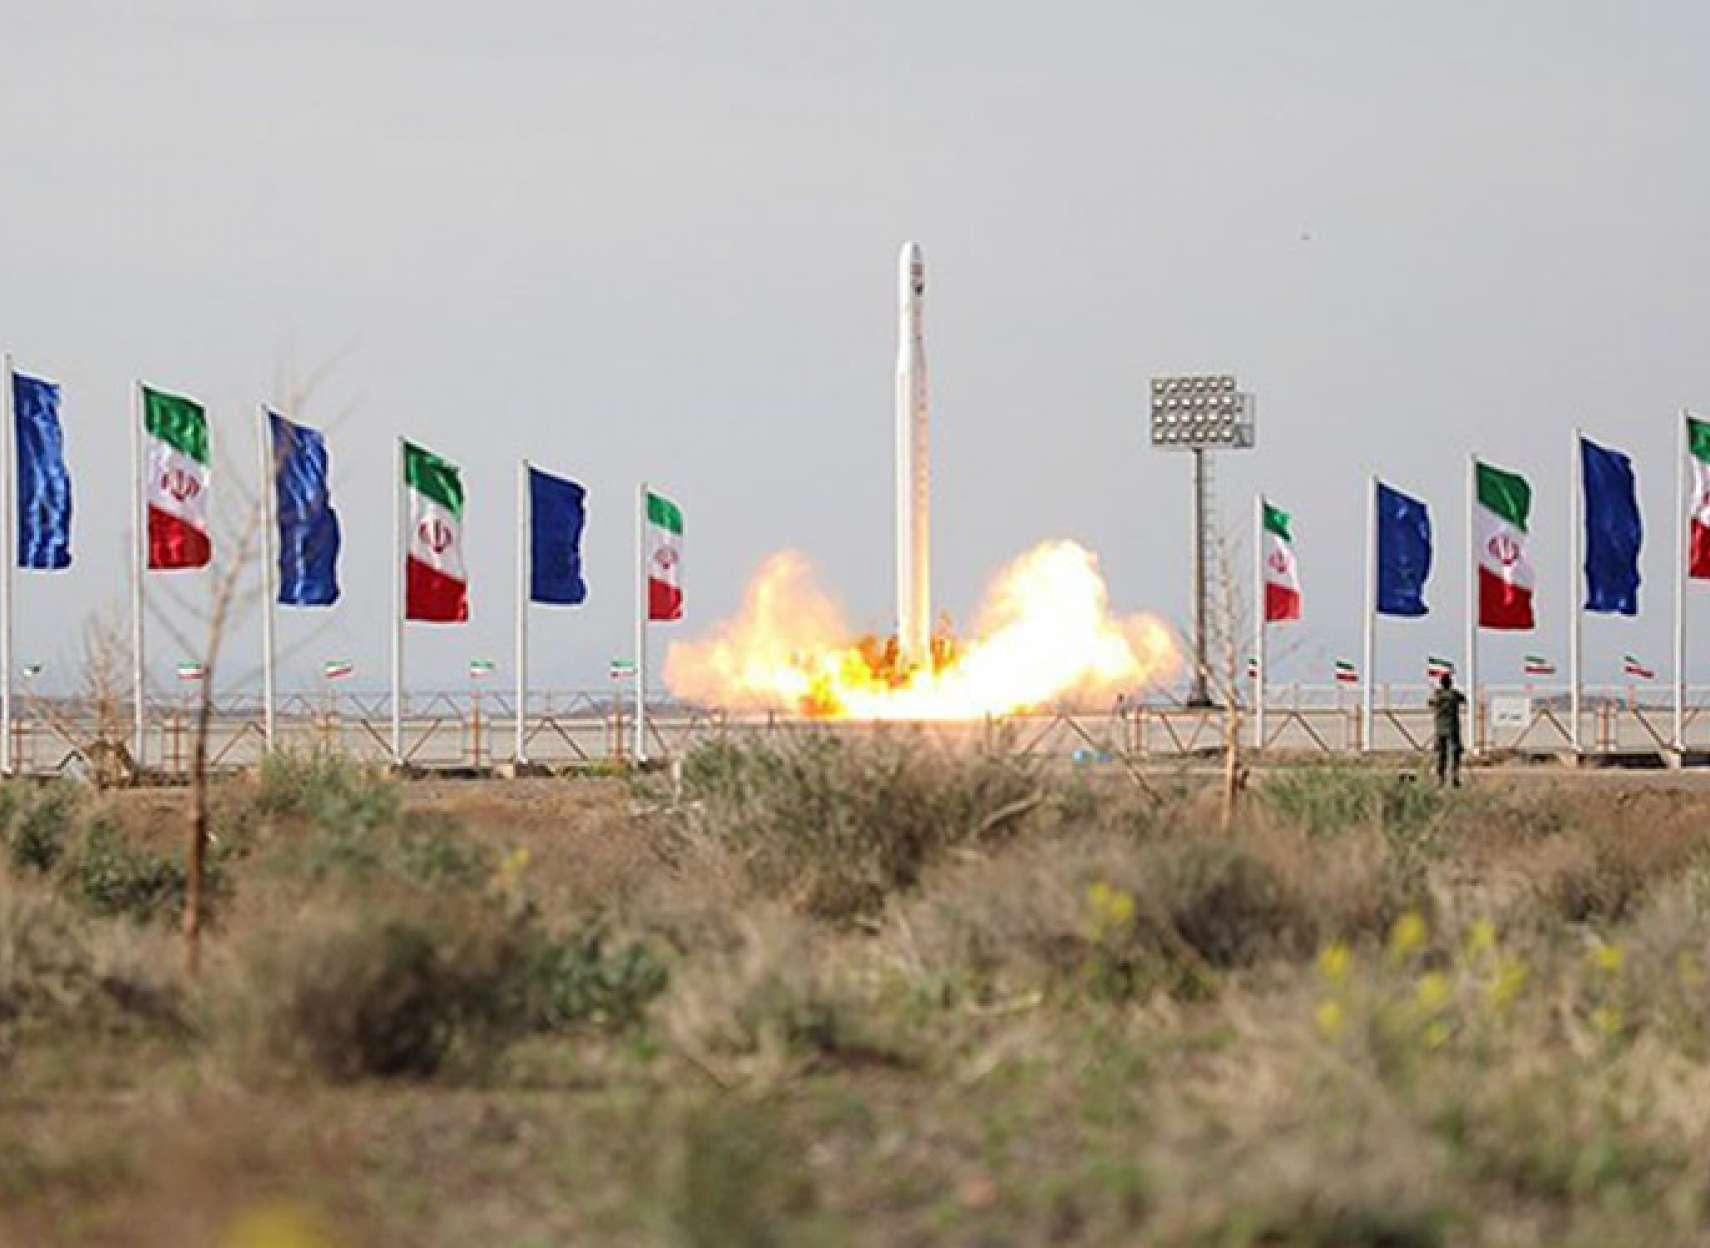 چرا-جمهوری-اسلامی-به-تبلیغات-درباره-پرتاب-ماهواره-نظامی-نیاز-دارد